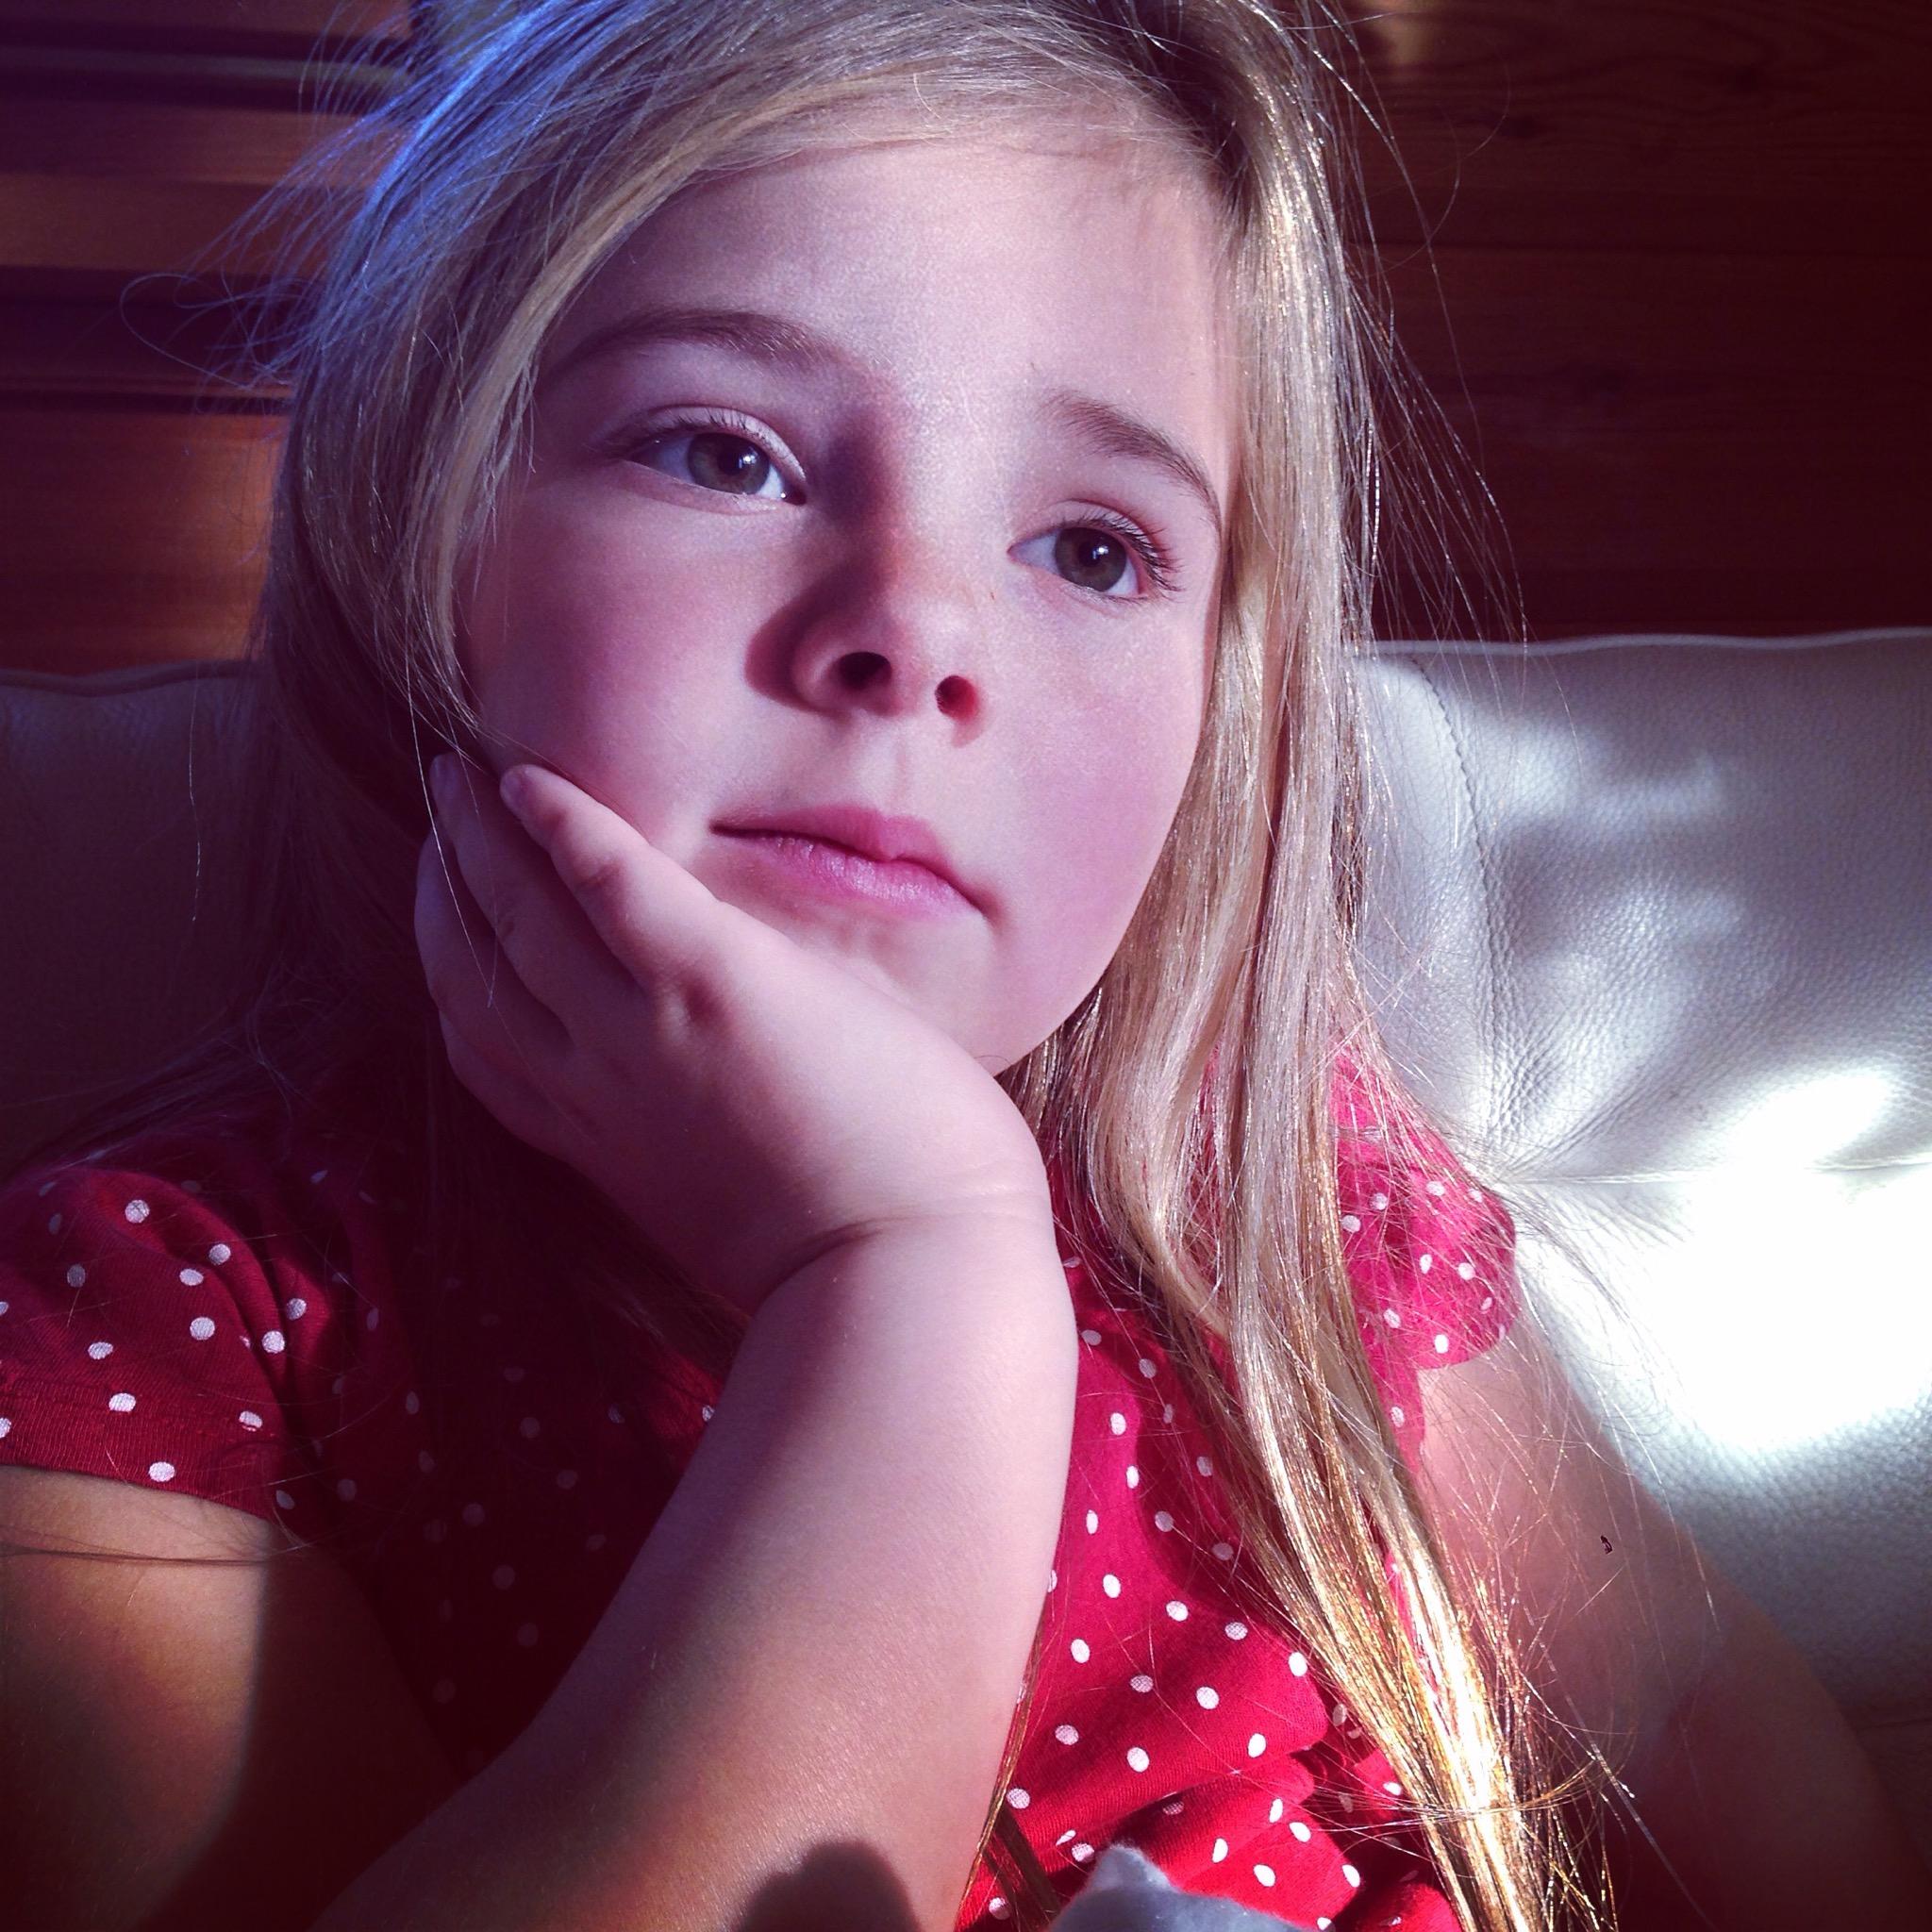 Eva was tot een uur of 4 echt nog wel warm. De hele dag heeft ze dus Raveleijn en Prinses Sofia gekeken.